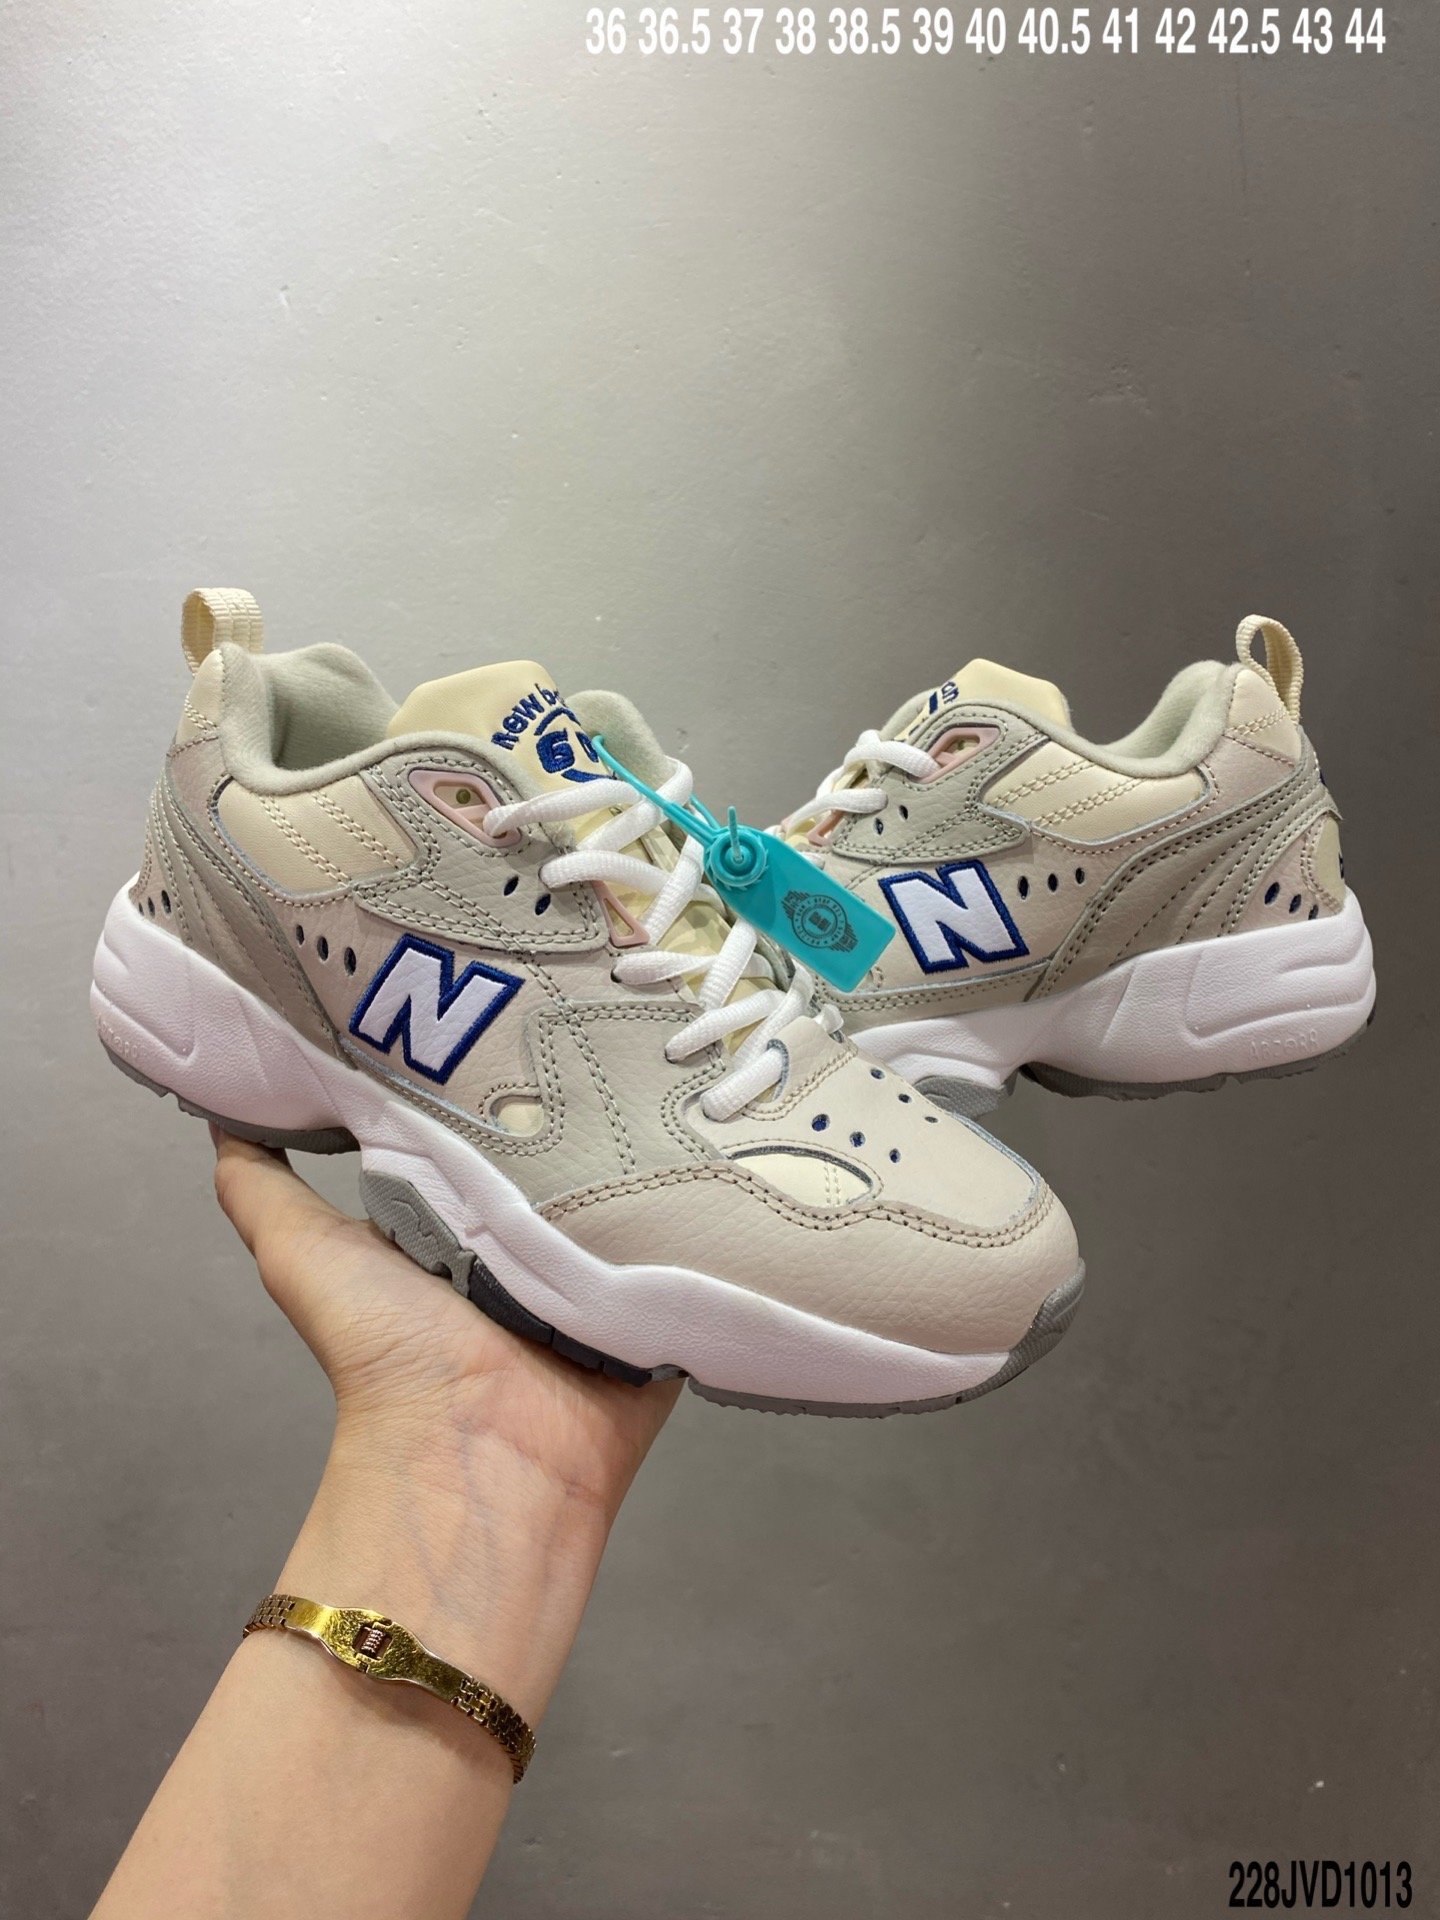 老爹鞋, WX608MU1, New Balance